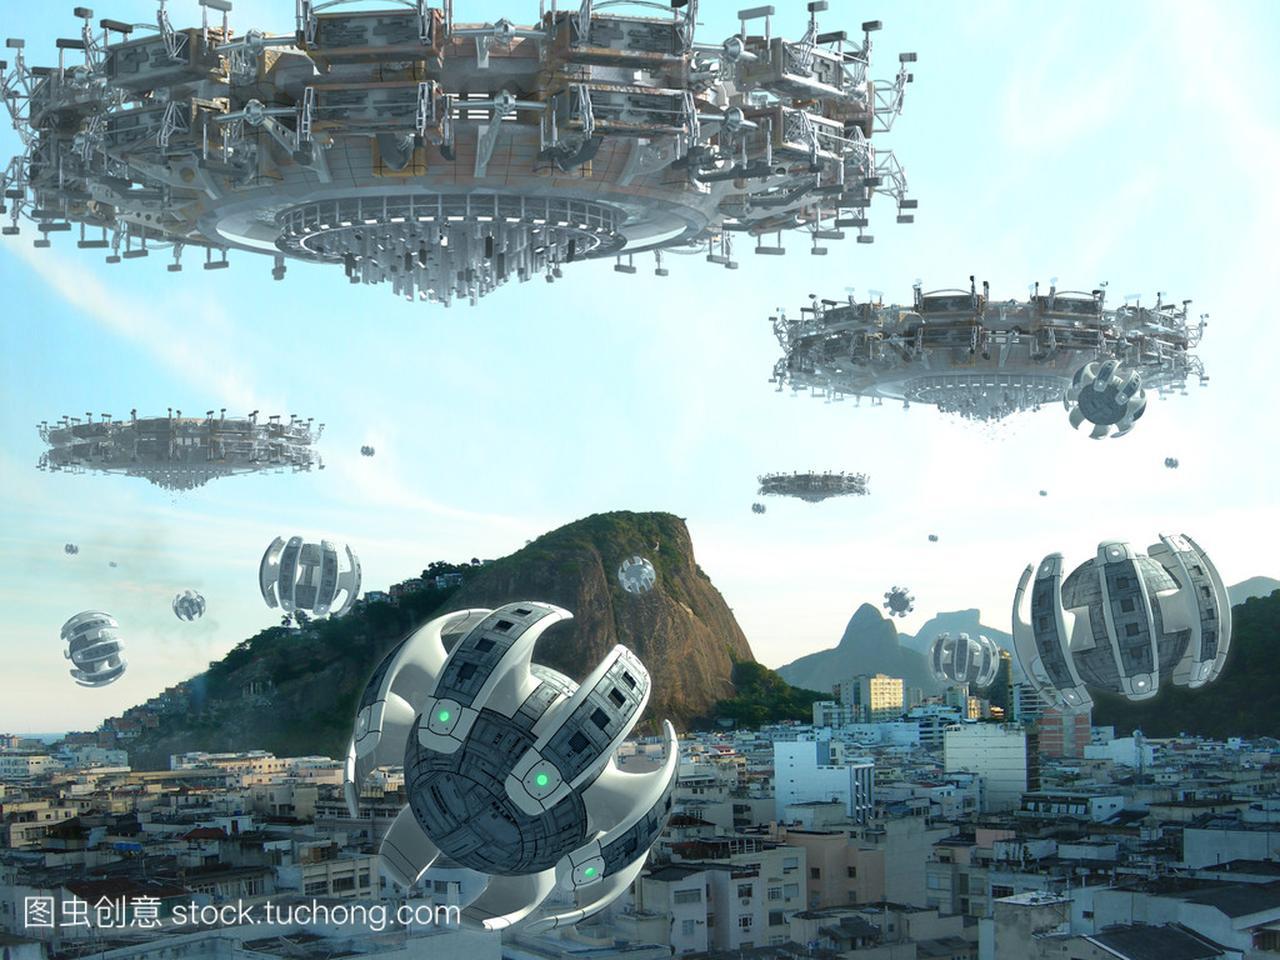 历史上真实发生的UFO事件